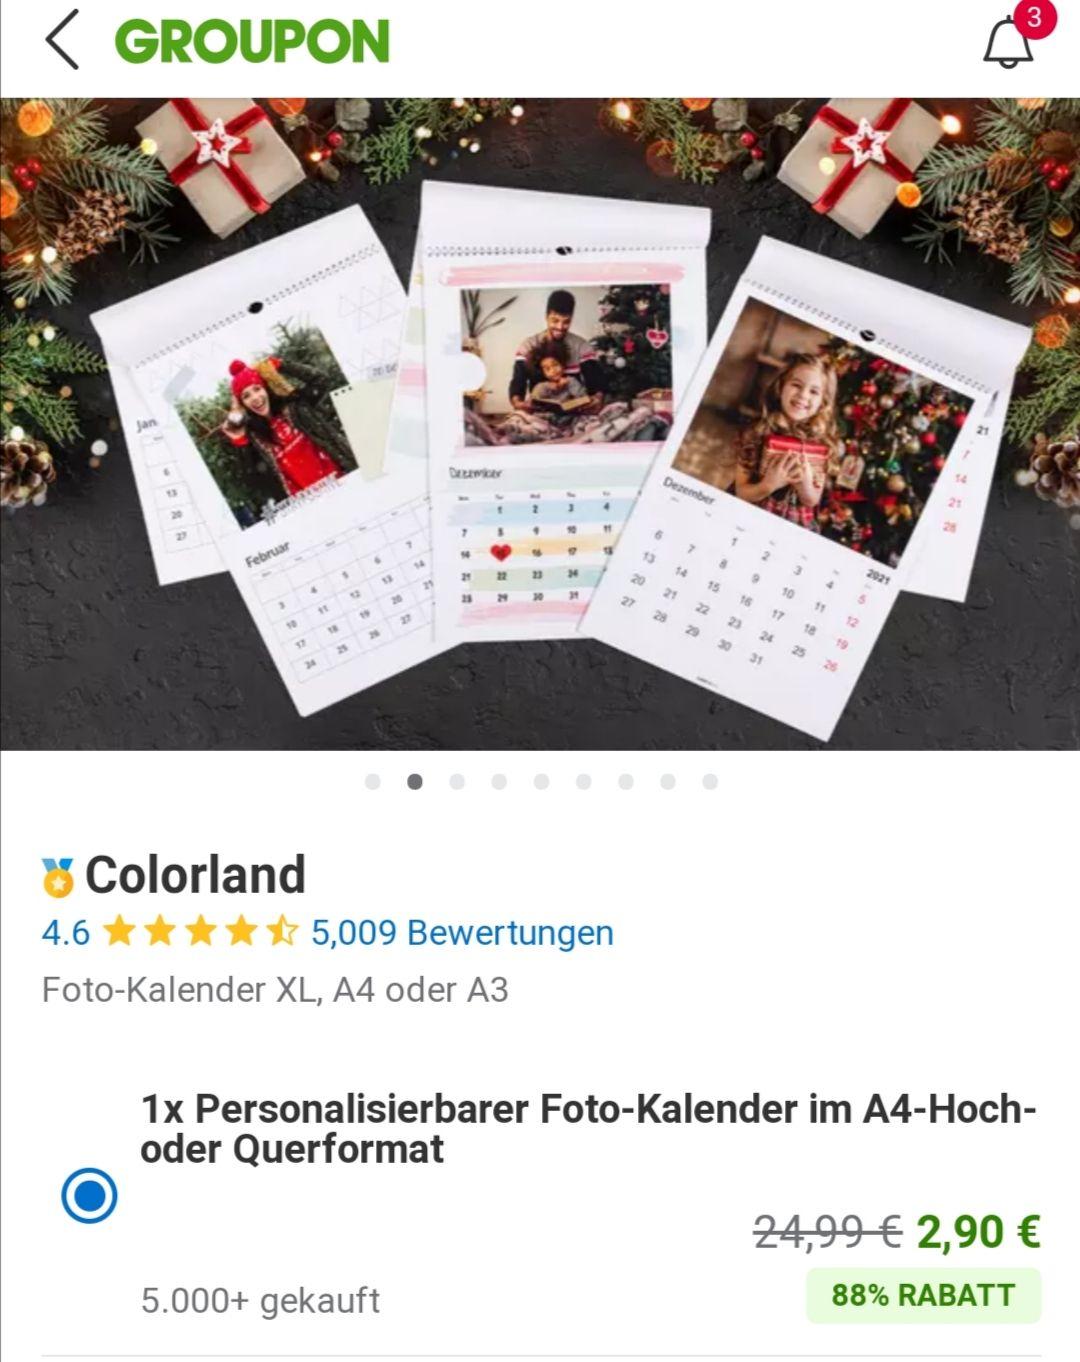 1x Personalisierbarer Foto-Kalender im A4-Hoch- oder Querformat